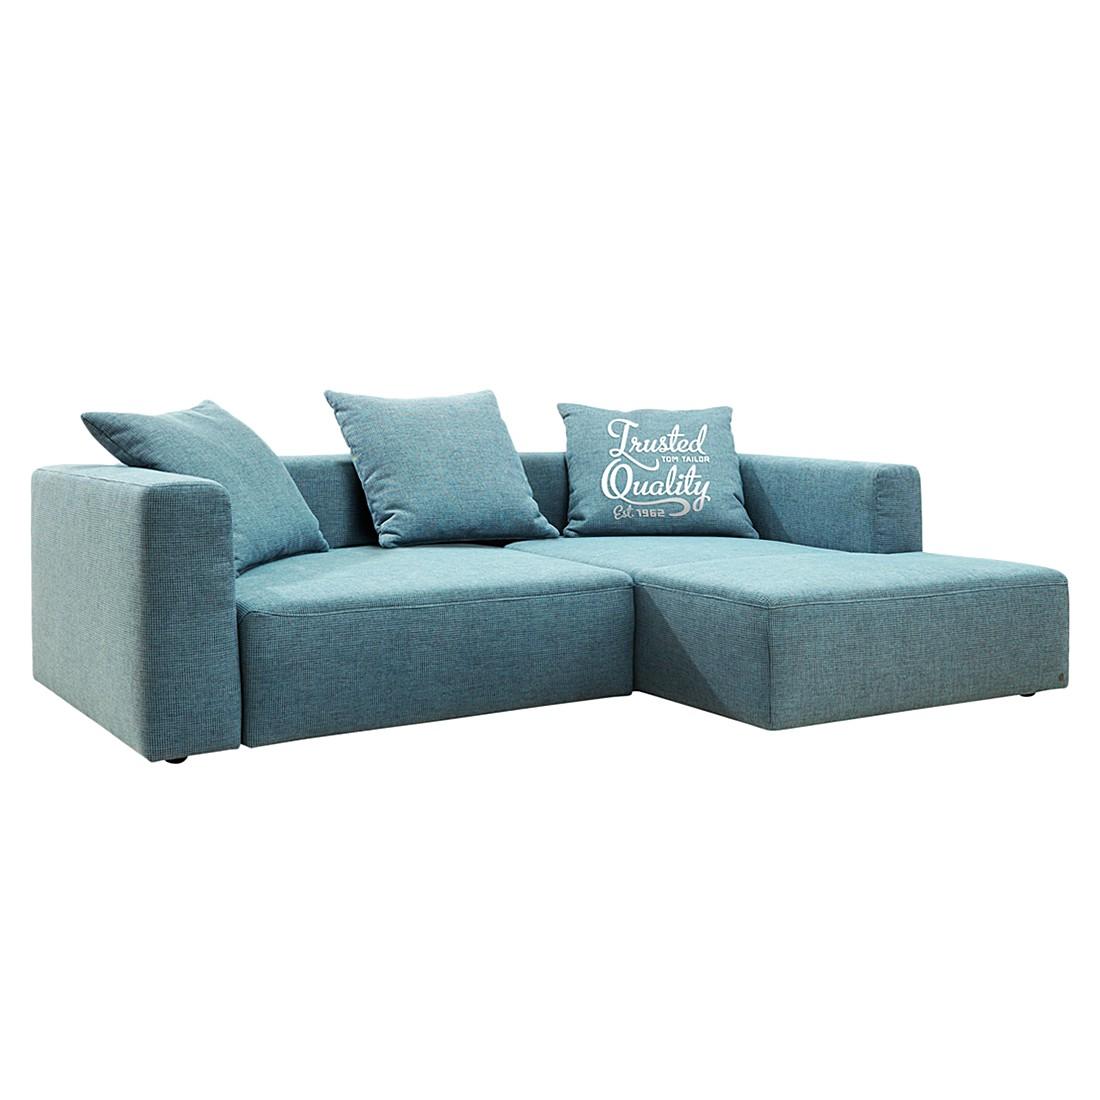 goedkoop Hoekbank Heaven Casual longchair vooraanzicht rechts Met slaapfunctie Stof TCU6 fresh blue Tom Tailor